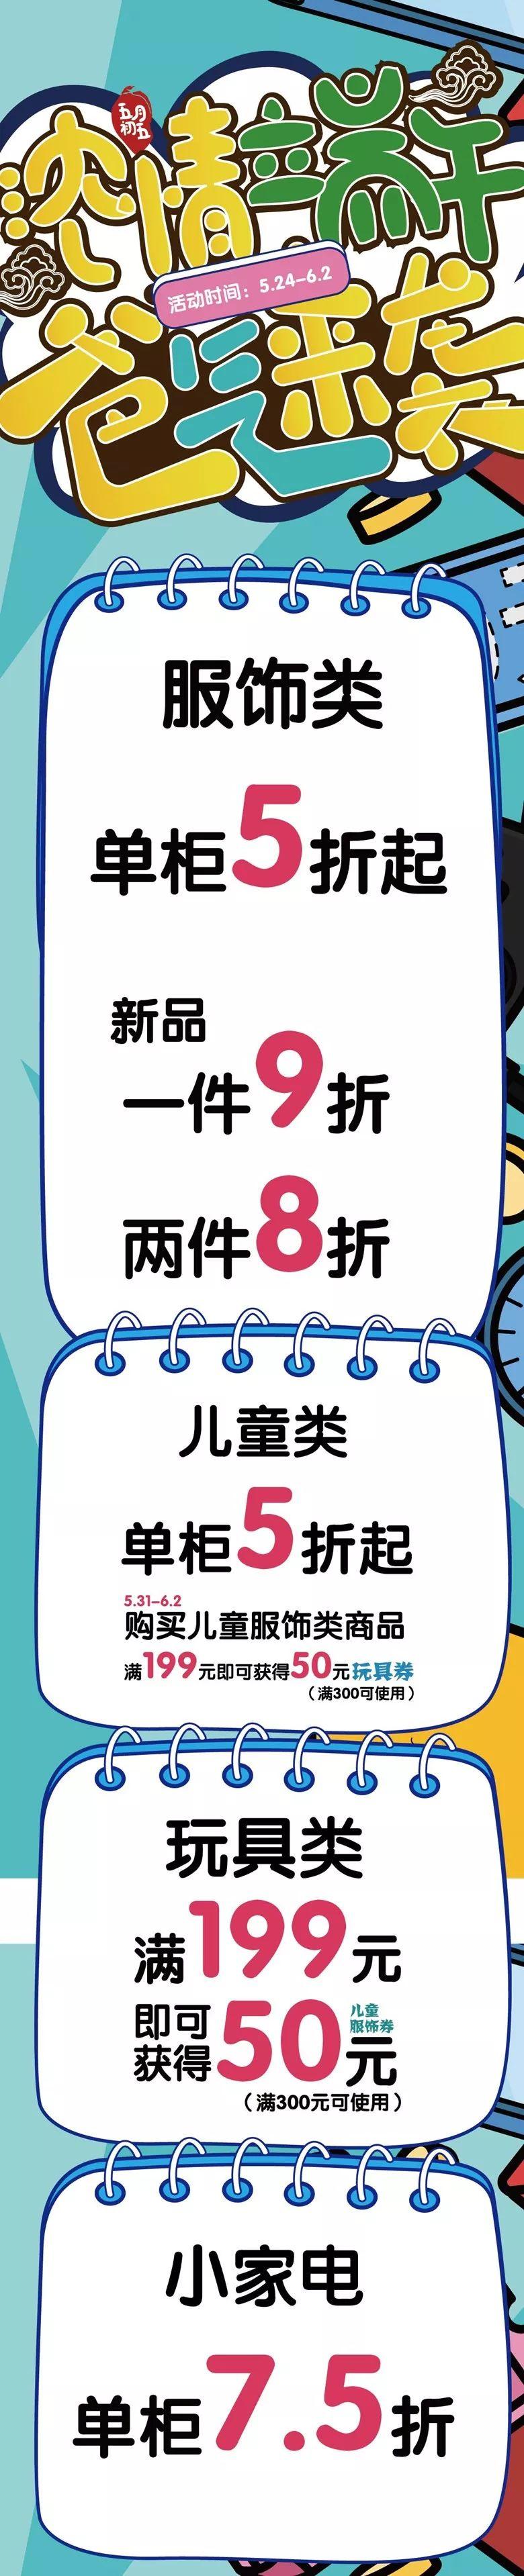 上海莘庄百盛2019六一折扣 儿童类单柜5折起